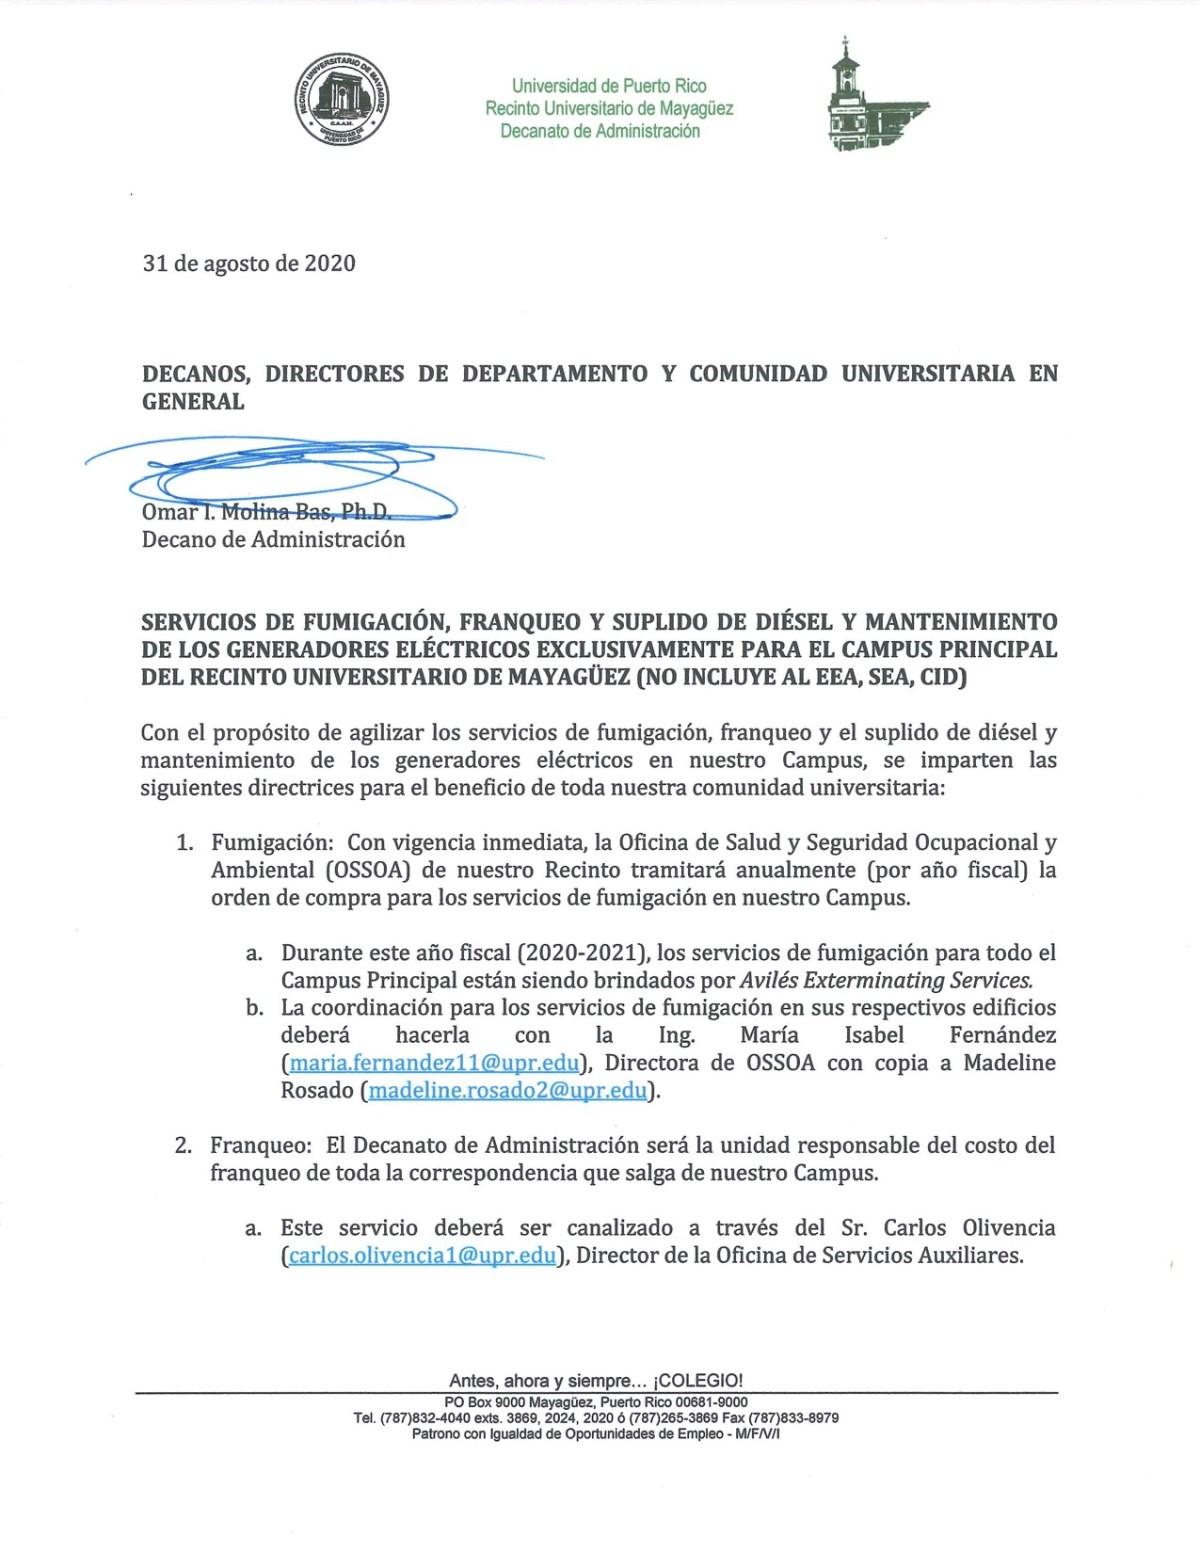 fumigacion_franqueo_diesel